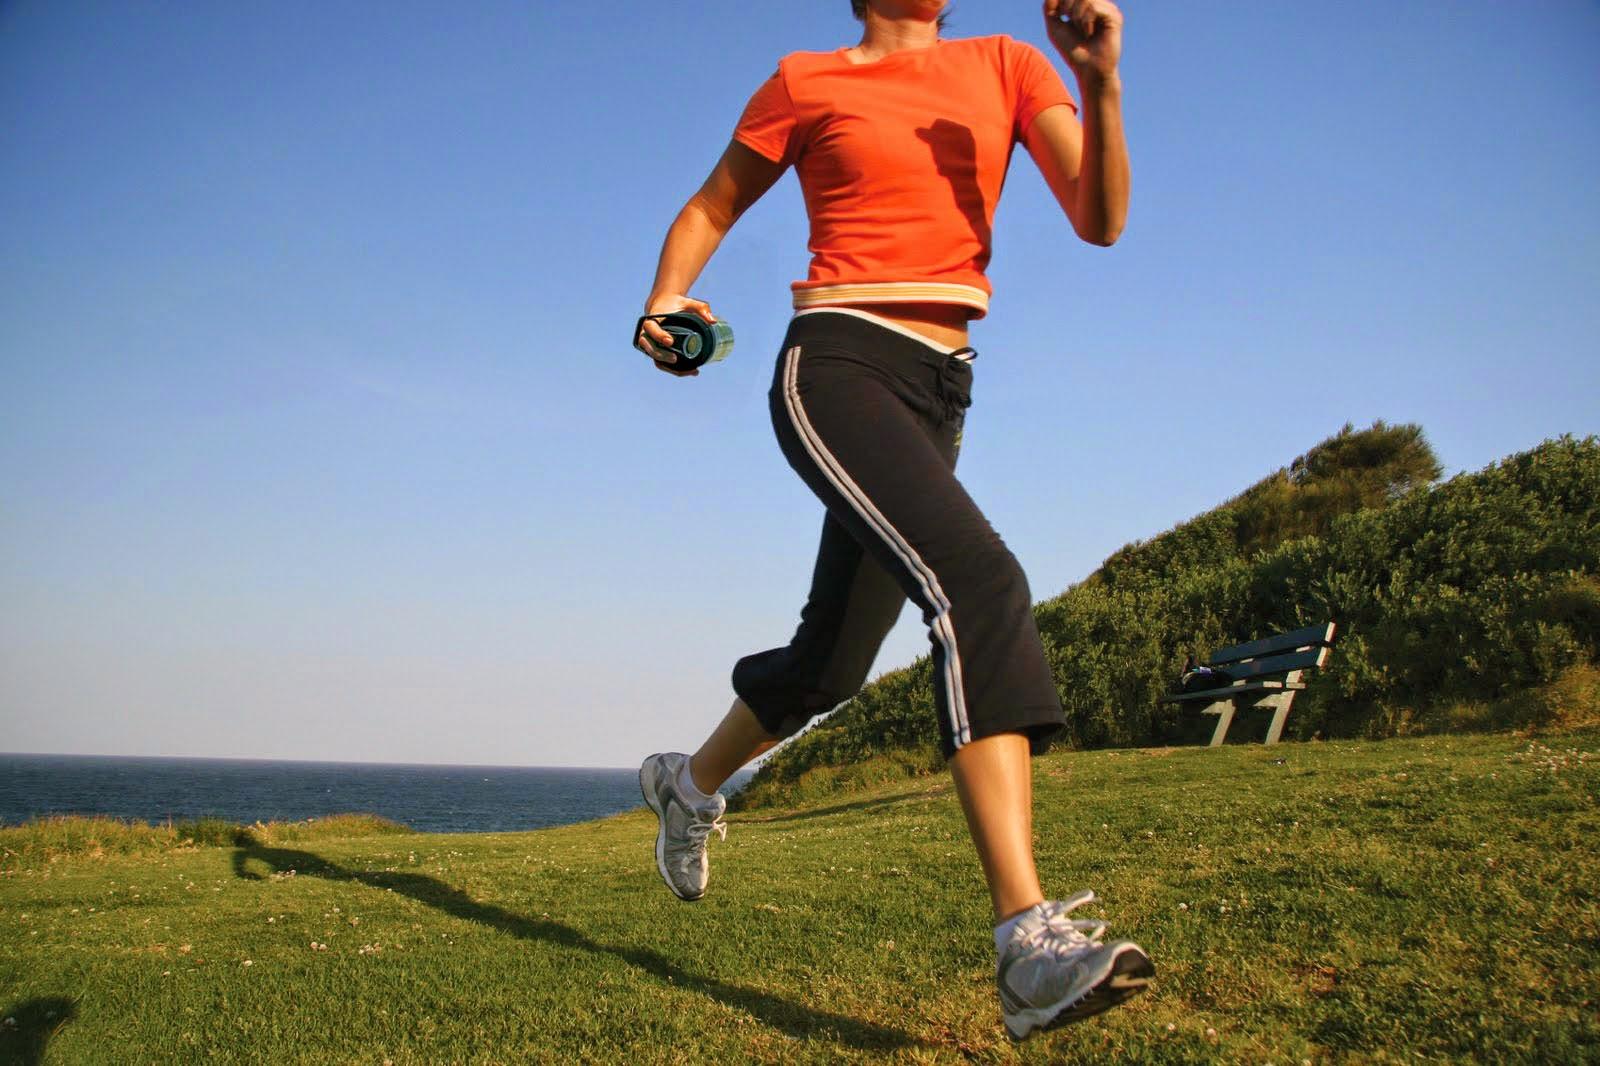 Бег трусцой по утрам: вред и польза, противопоказания, чем полезны тренировки